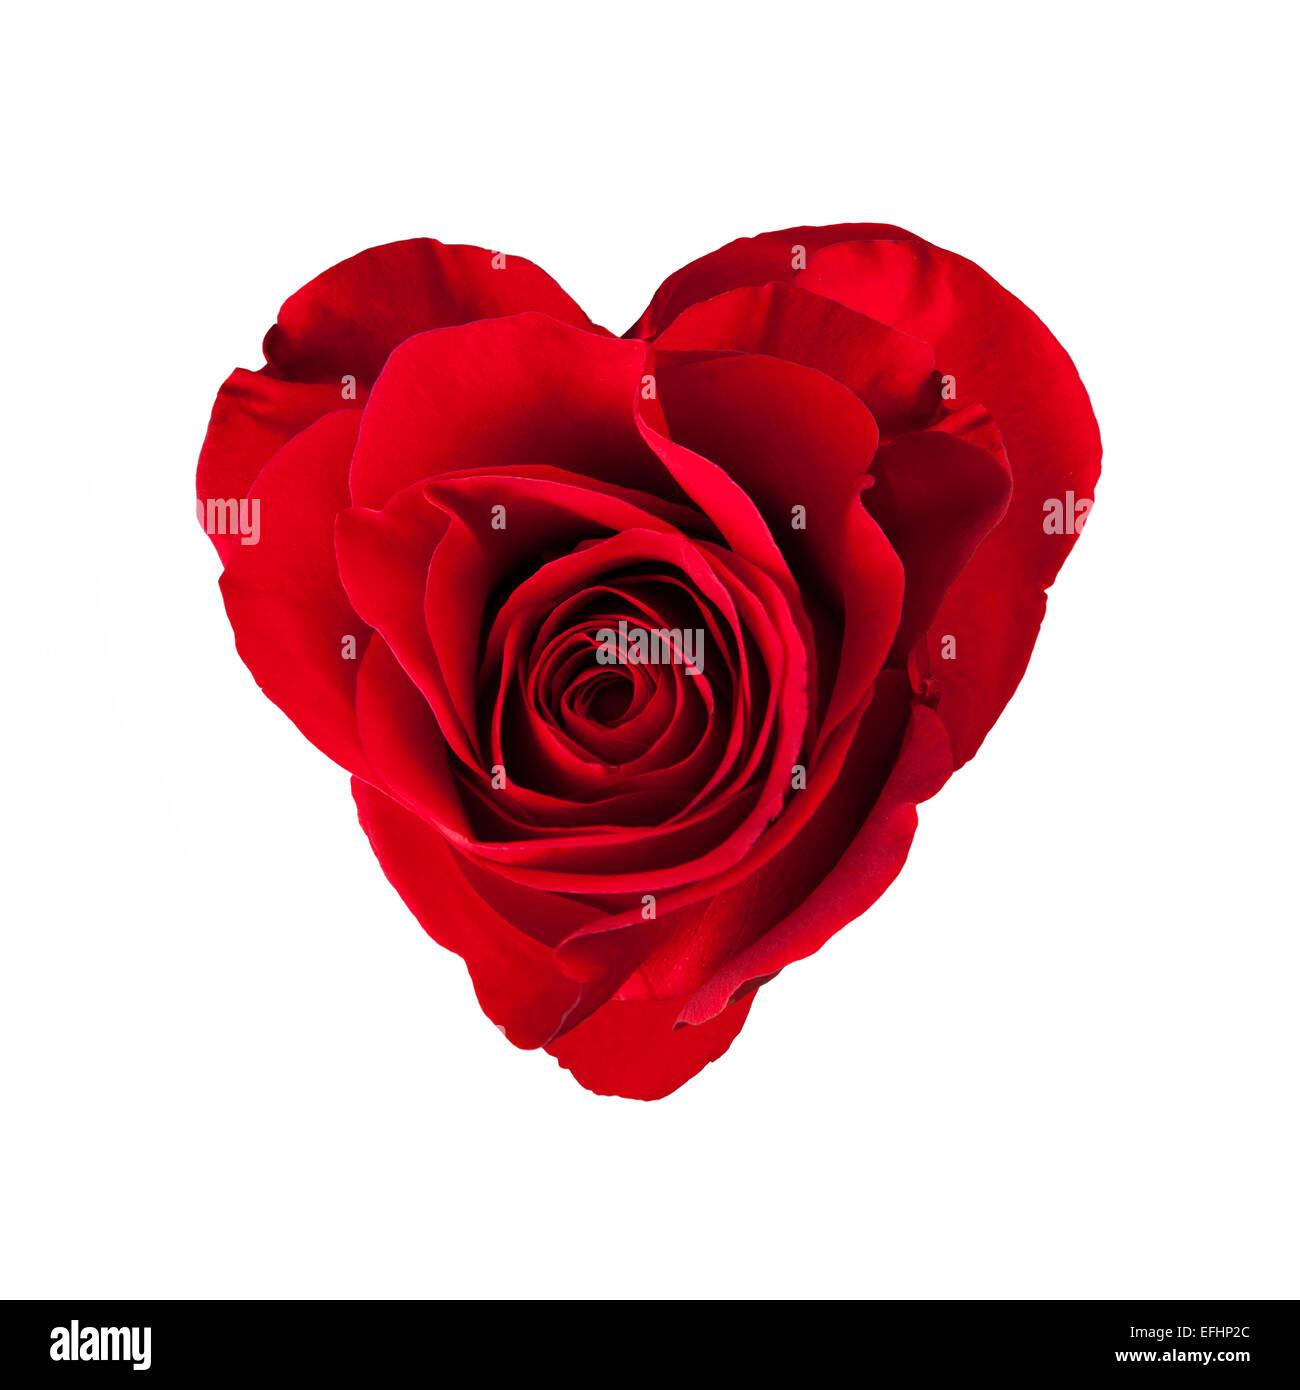 Rote Rosenblüten in Herzform, isoliert auf weißem Hintergrund Stockbild